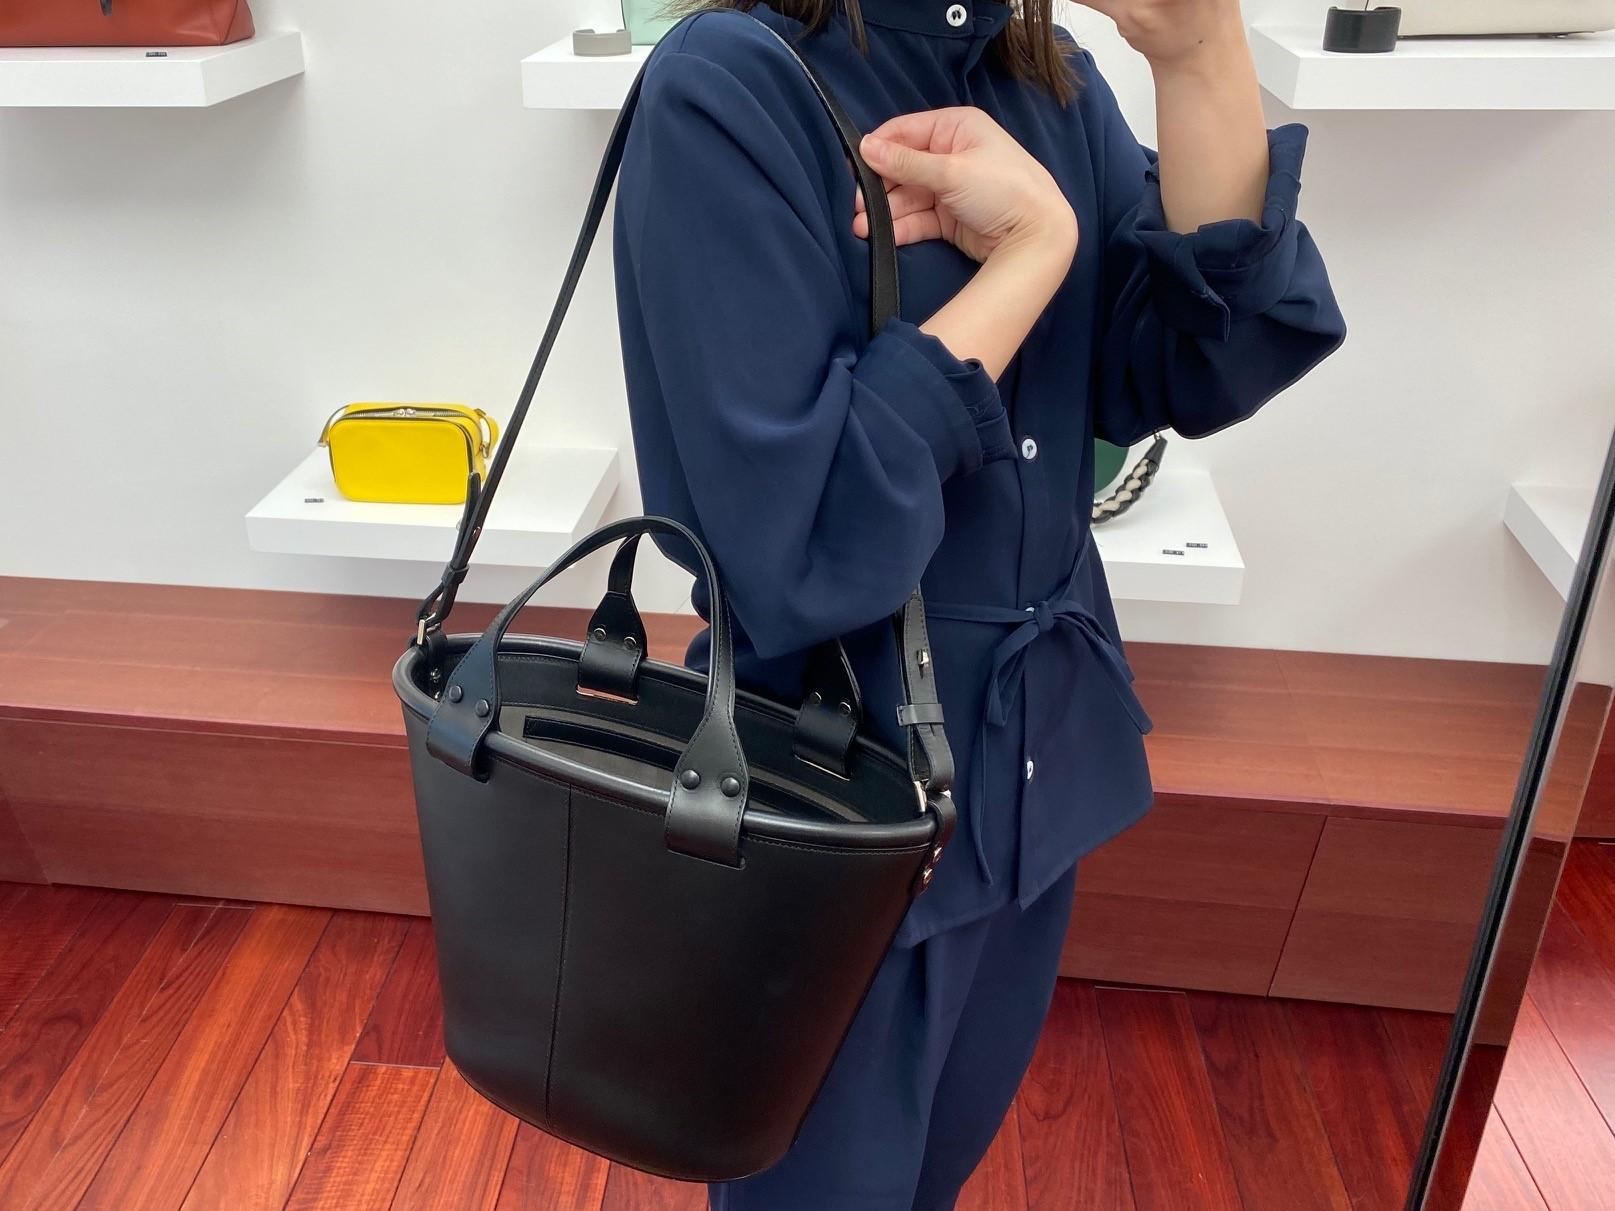 【ラストスパート7/26迄】 Epoi本店セール商品のご紹介